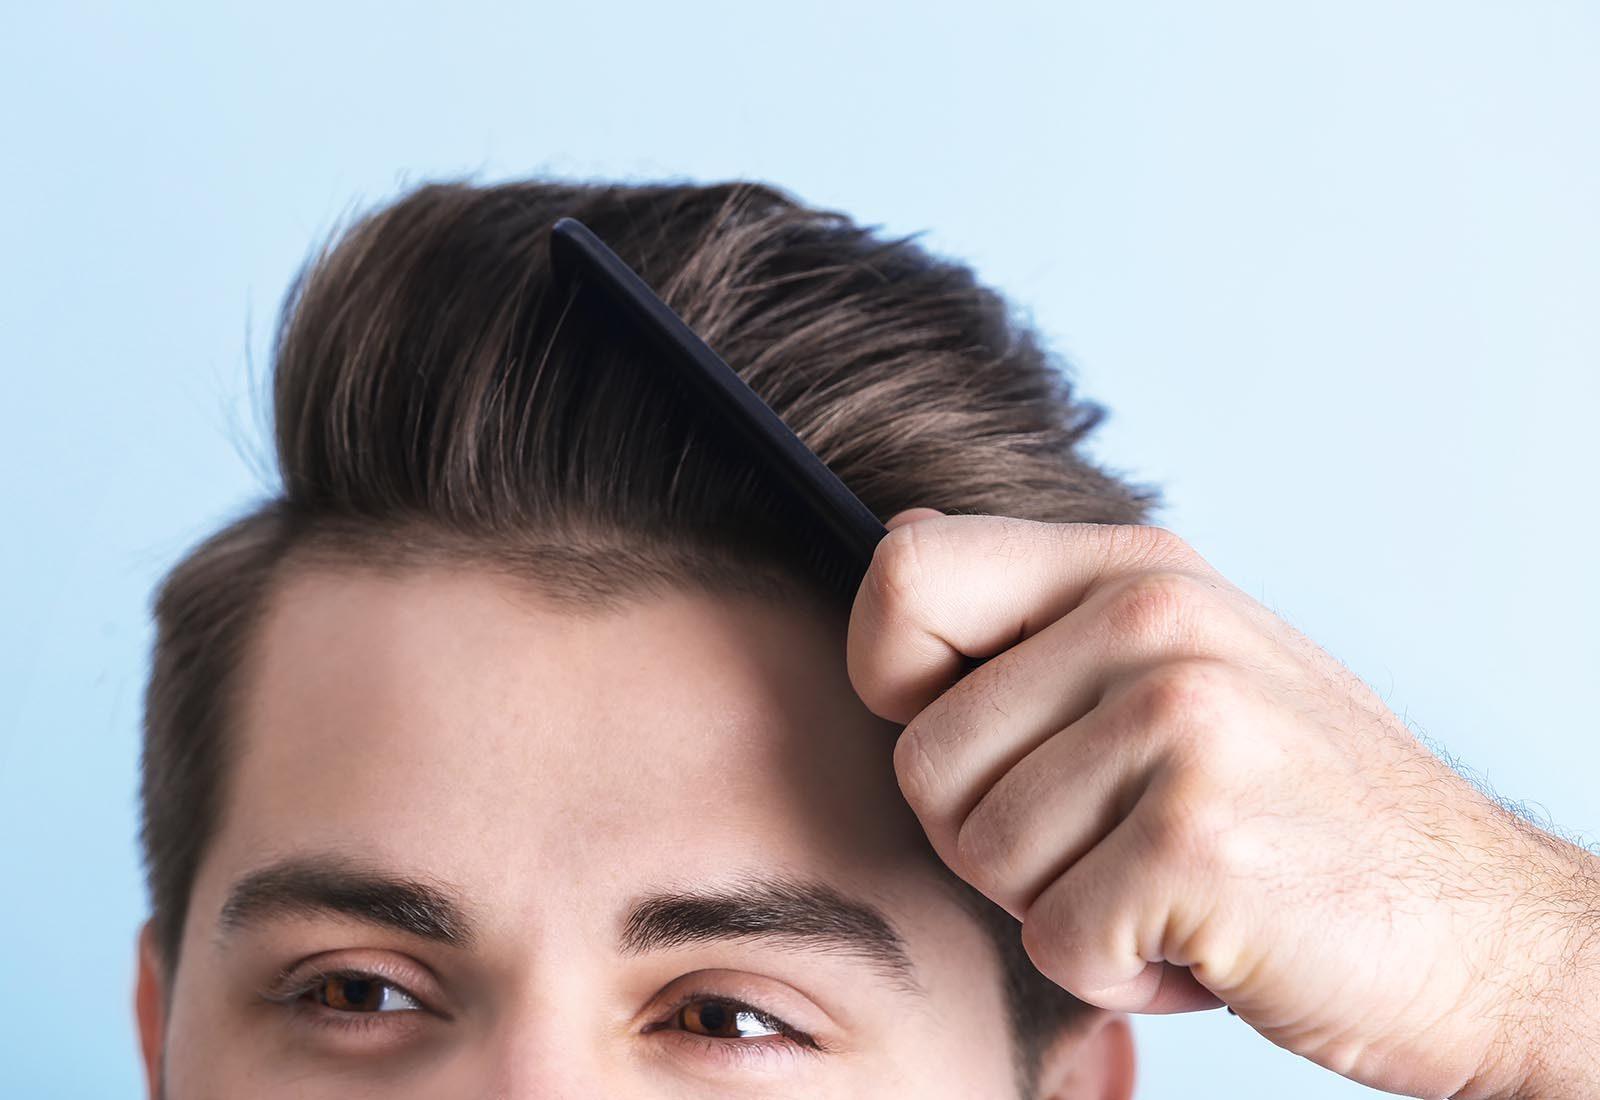 Le sel d'epsom est utile pour enlever les produis coiffant.